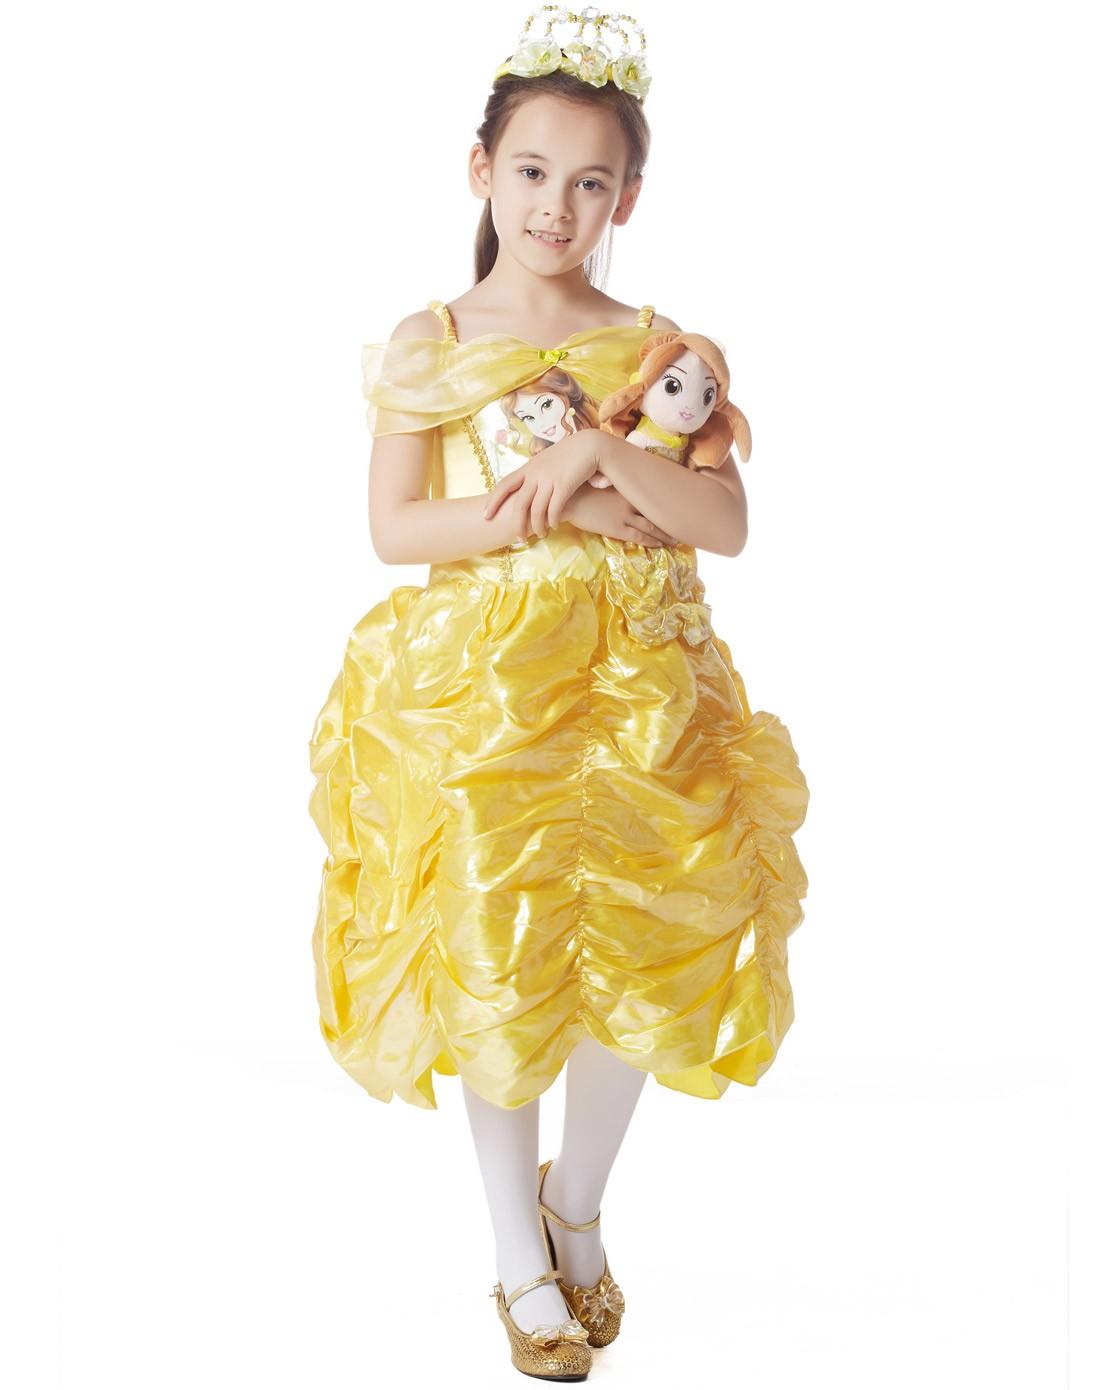 迪士尼公主裙铅笔画